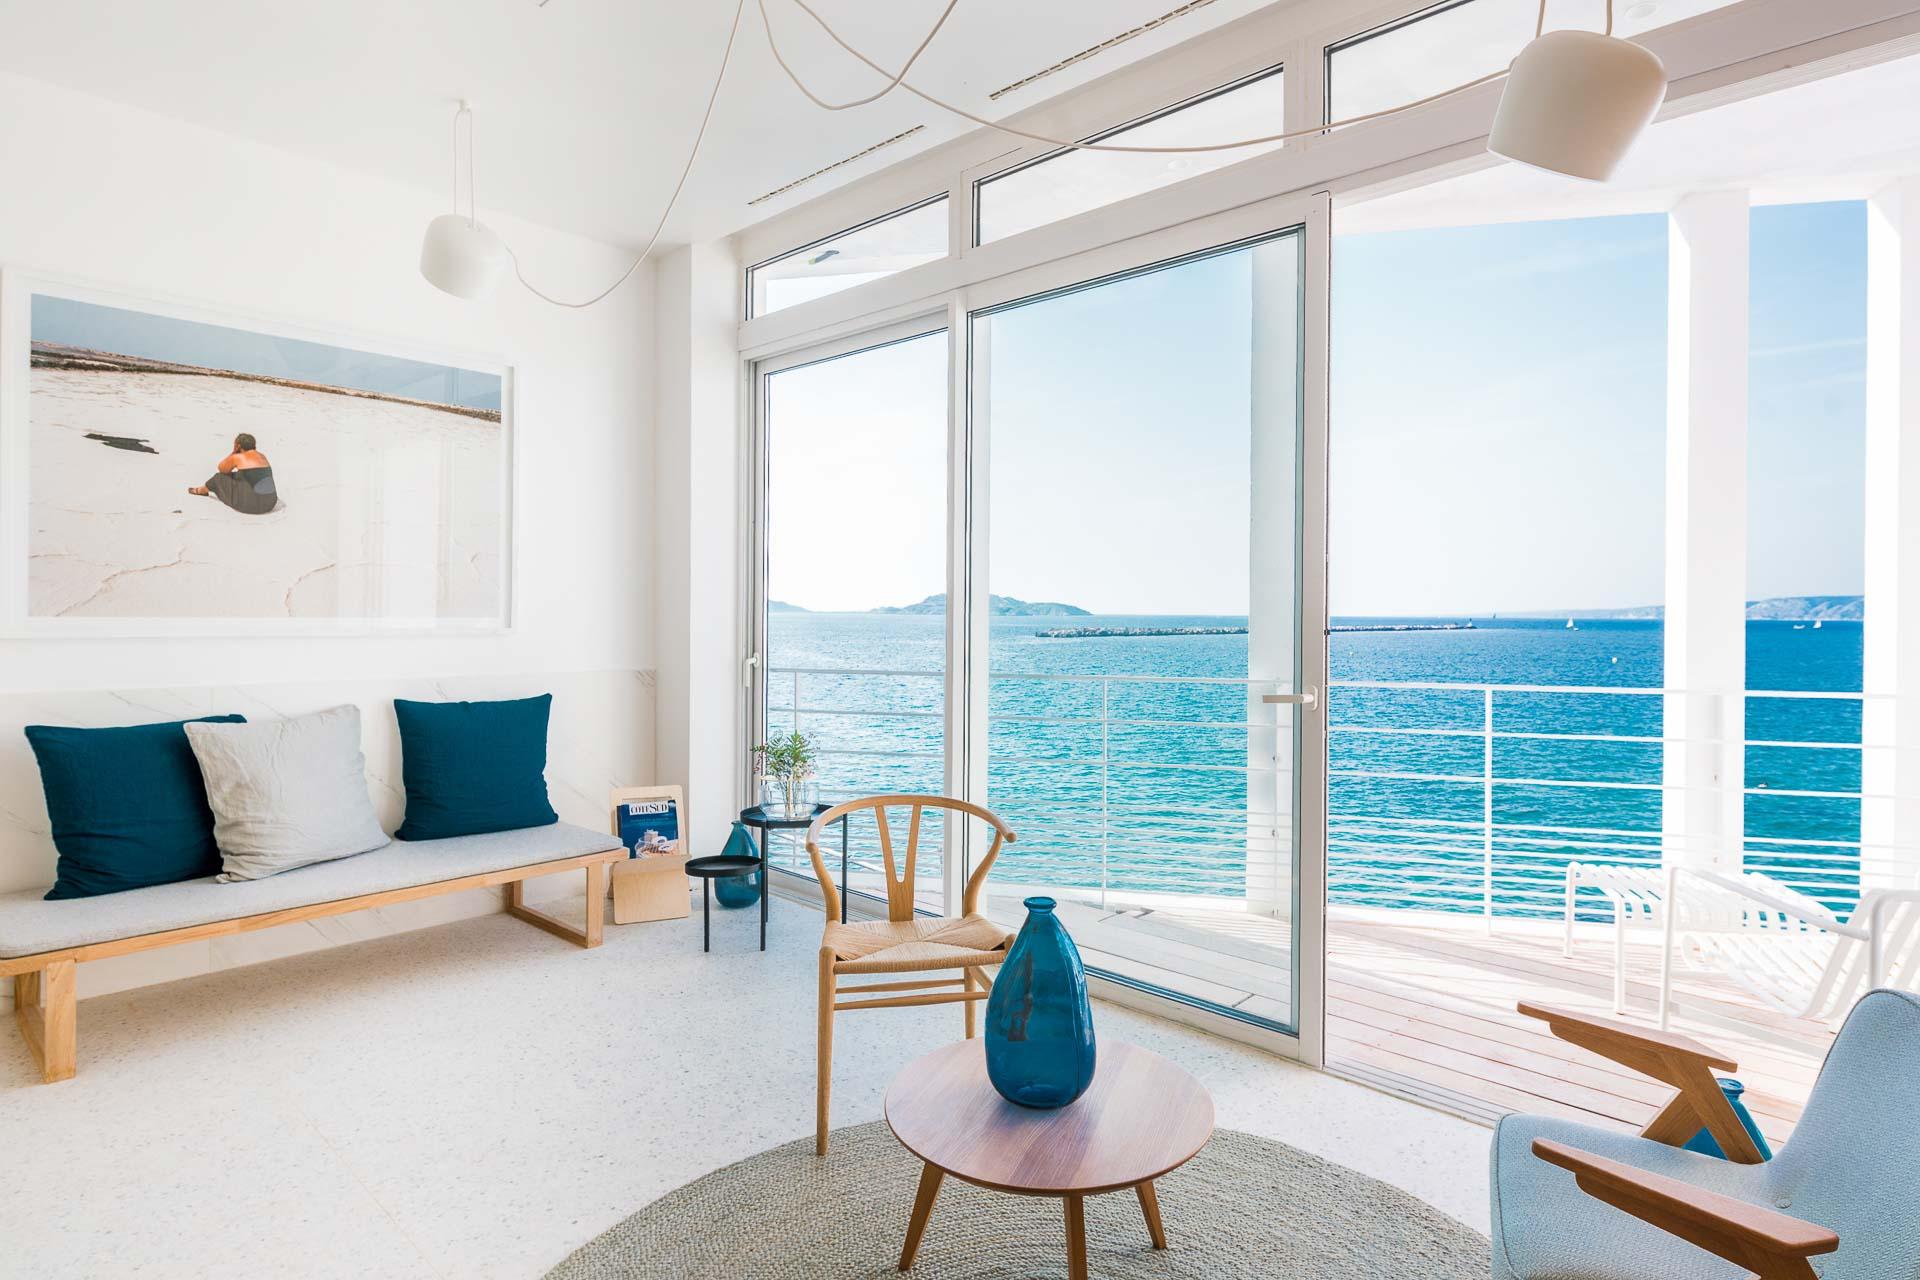 Quels sont les meilleurs hôtels de Marseille ? Sélection de 10 des plus belles adresses (boutique-hôtels, hôtels de luxe, hôtels design, hôtels de charme...) et 3 maisons d'hôtes de la ville.